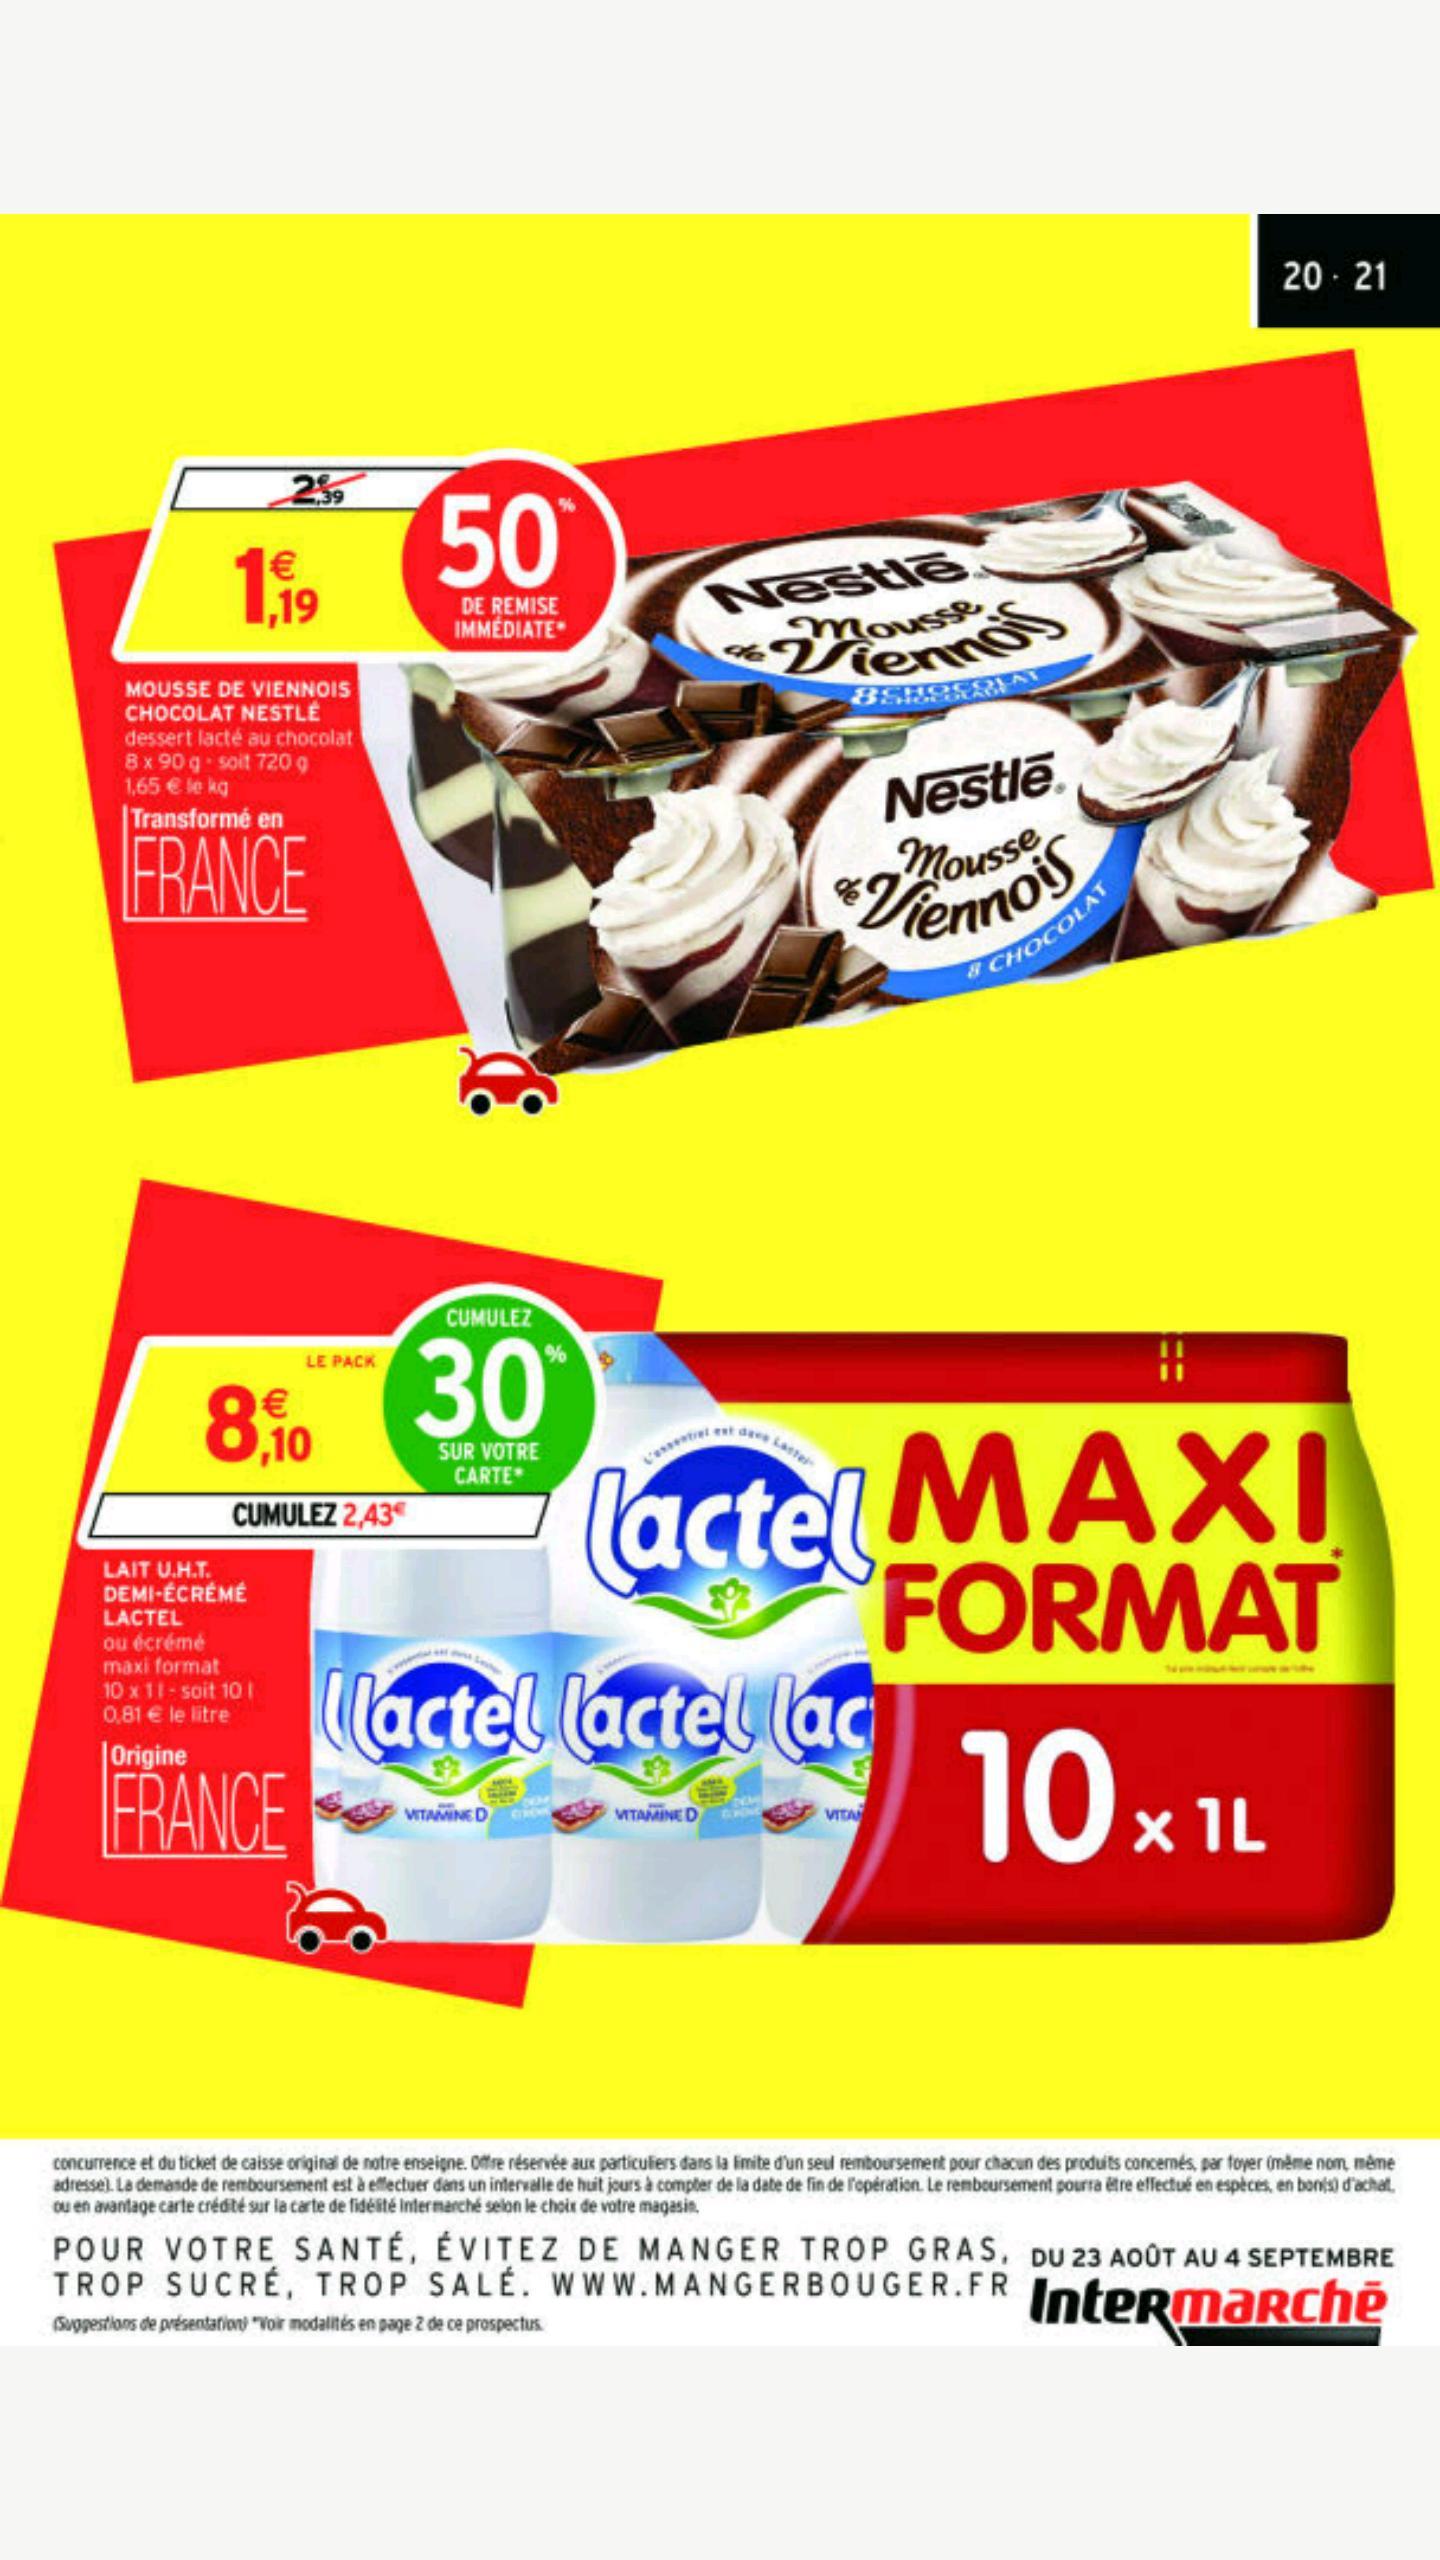 Pack de Bouteilles de Lait U.H.T Demi-écrémé Lactel - 10 x 1L (Via carte de fidélité)